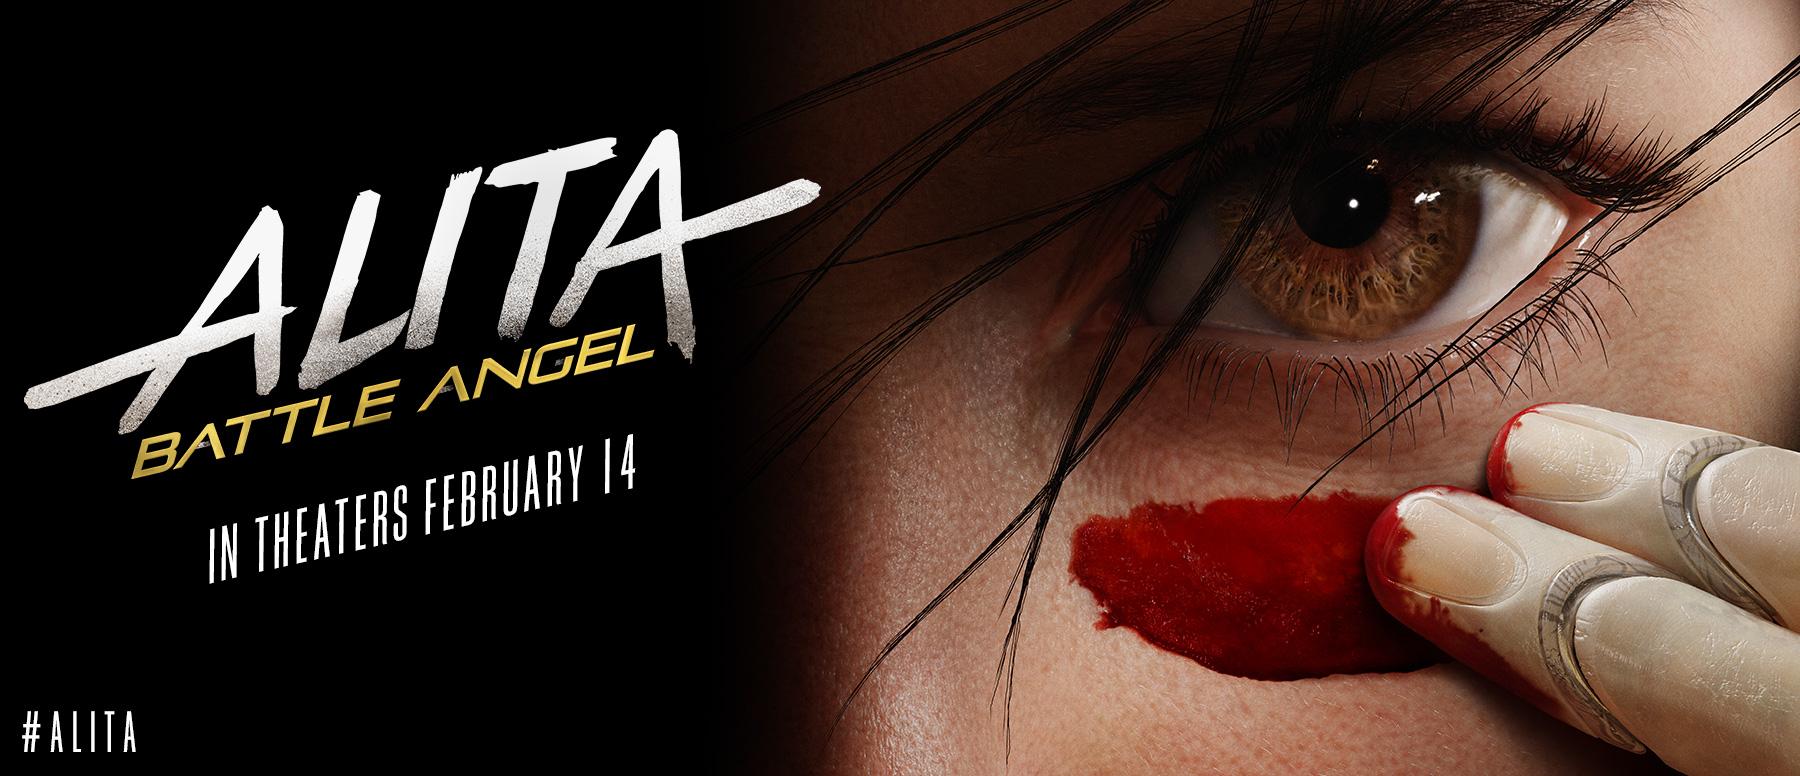 Rodriguez Revisited RETURNS - TEASER - Alita: Battle Angel : Instant